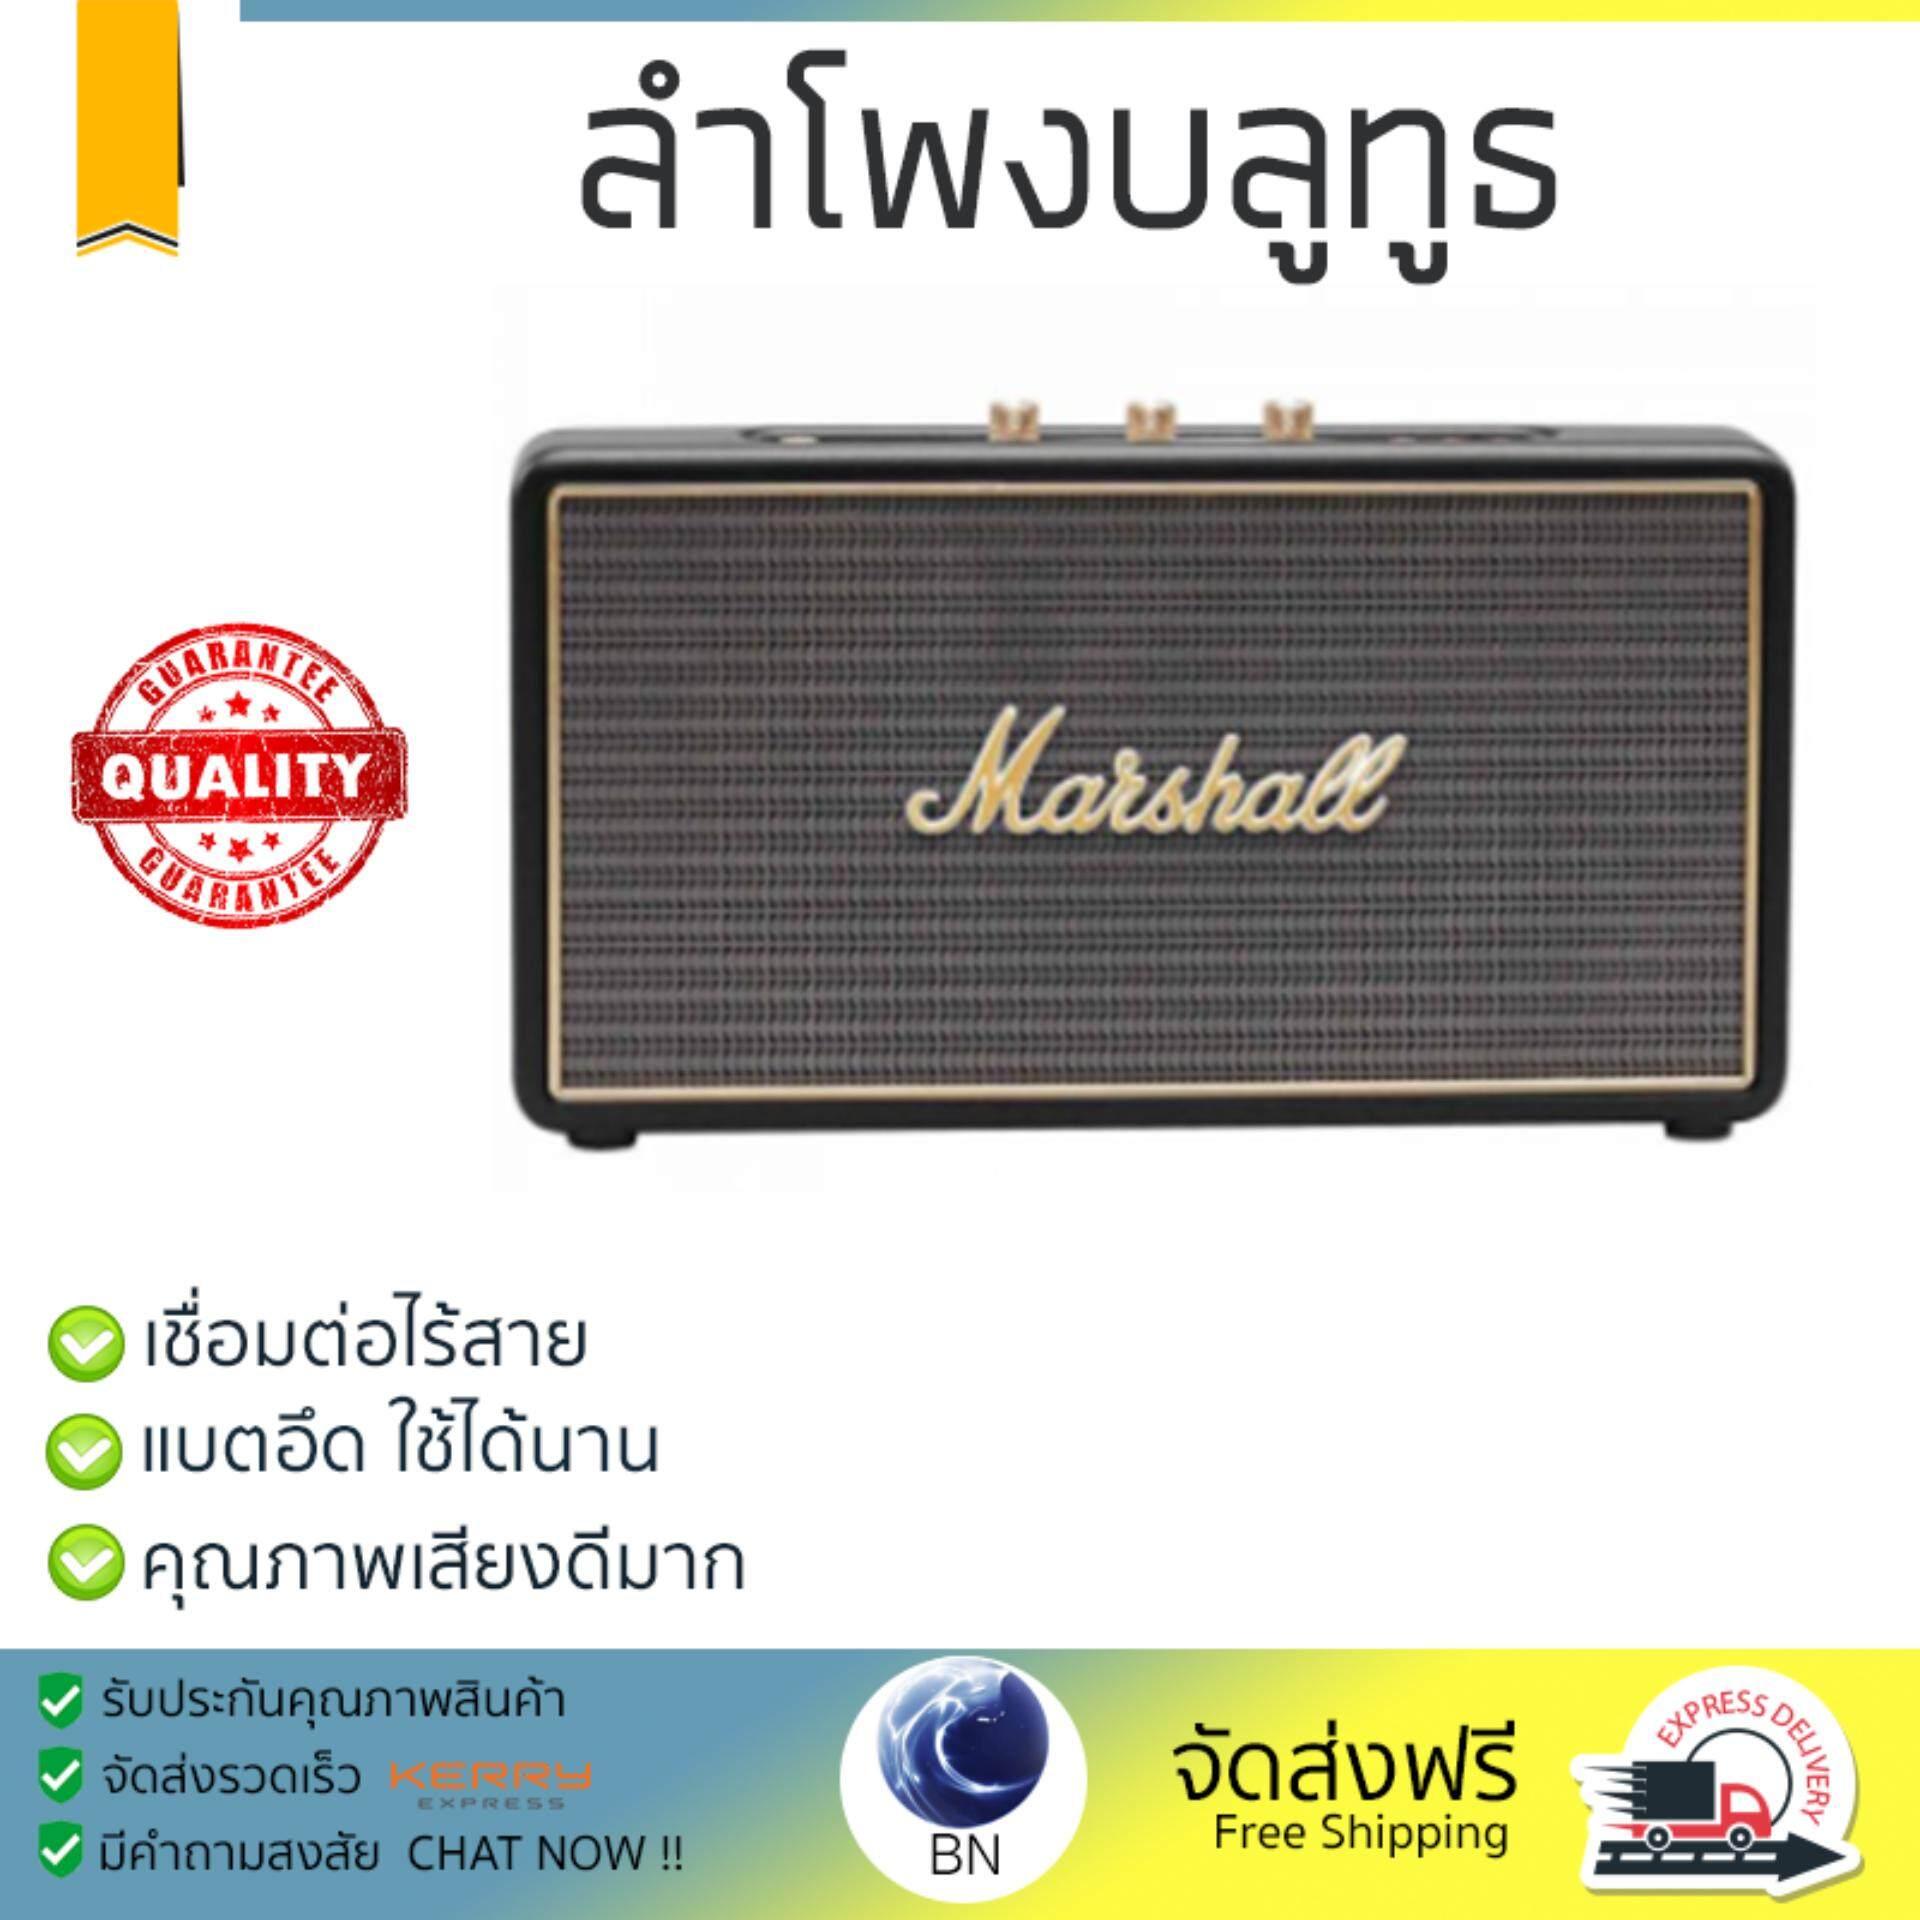 สอนใช้งาน  สมุทรสงคราม จัดส่งฟรี ลำโพงบลูทูธ  Marshall Bluetooth Speaker 2.1 Stockwell Black (no Case) เสียงใส คุณภาพเกินตัว Wireless Bluetooth Speaker รับประกัน 1 ปี